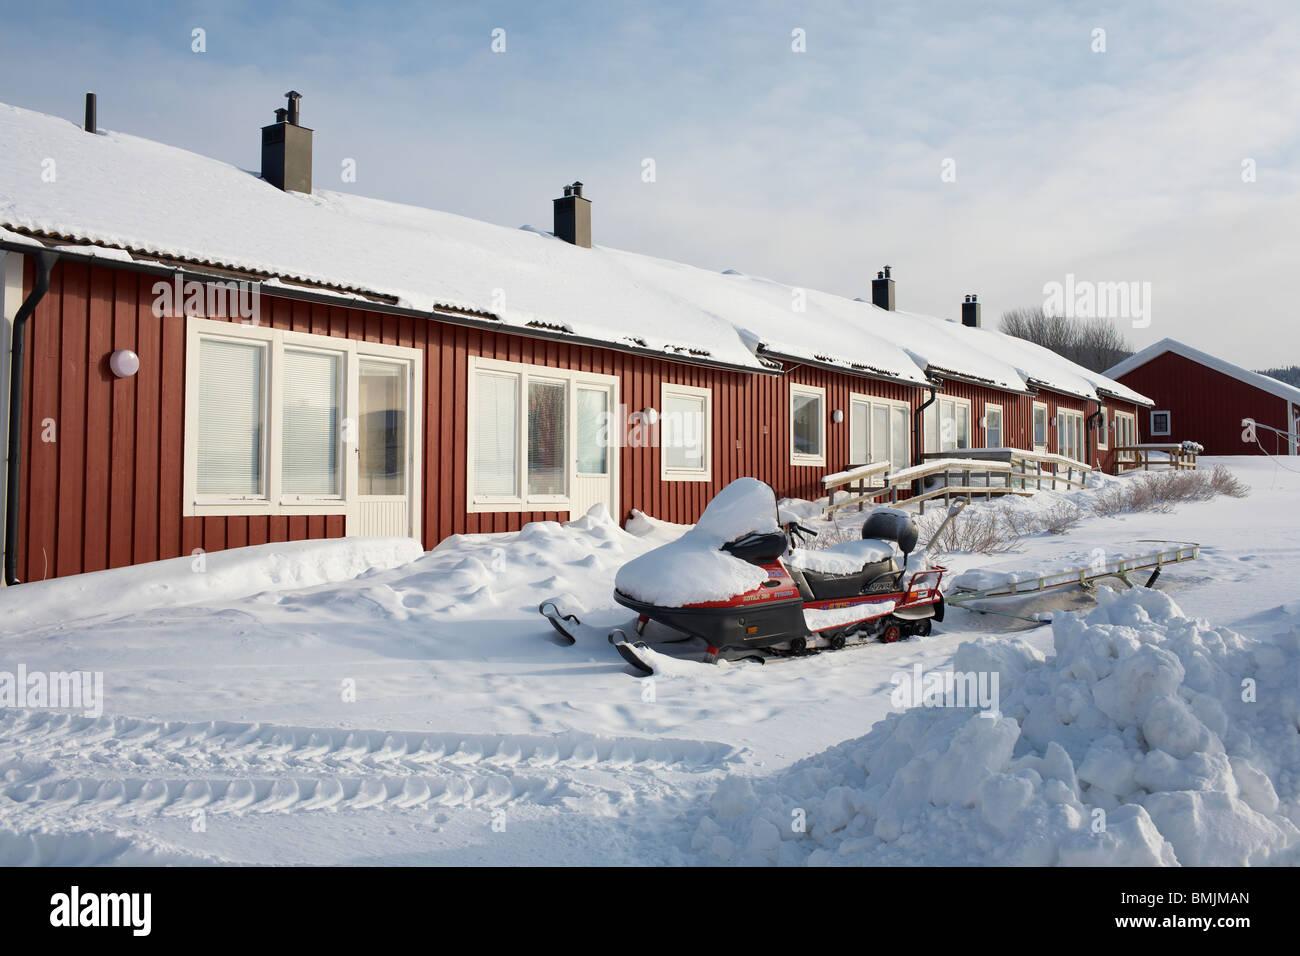 Scandinavia, Sweden, Harjedalen, Vemdalen, Snowmobile in front of house - Stock Image